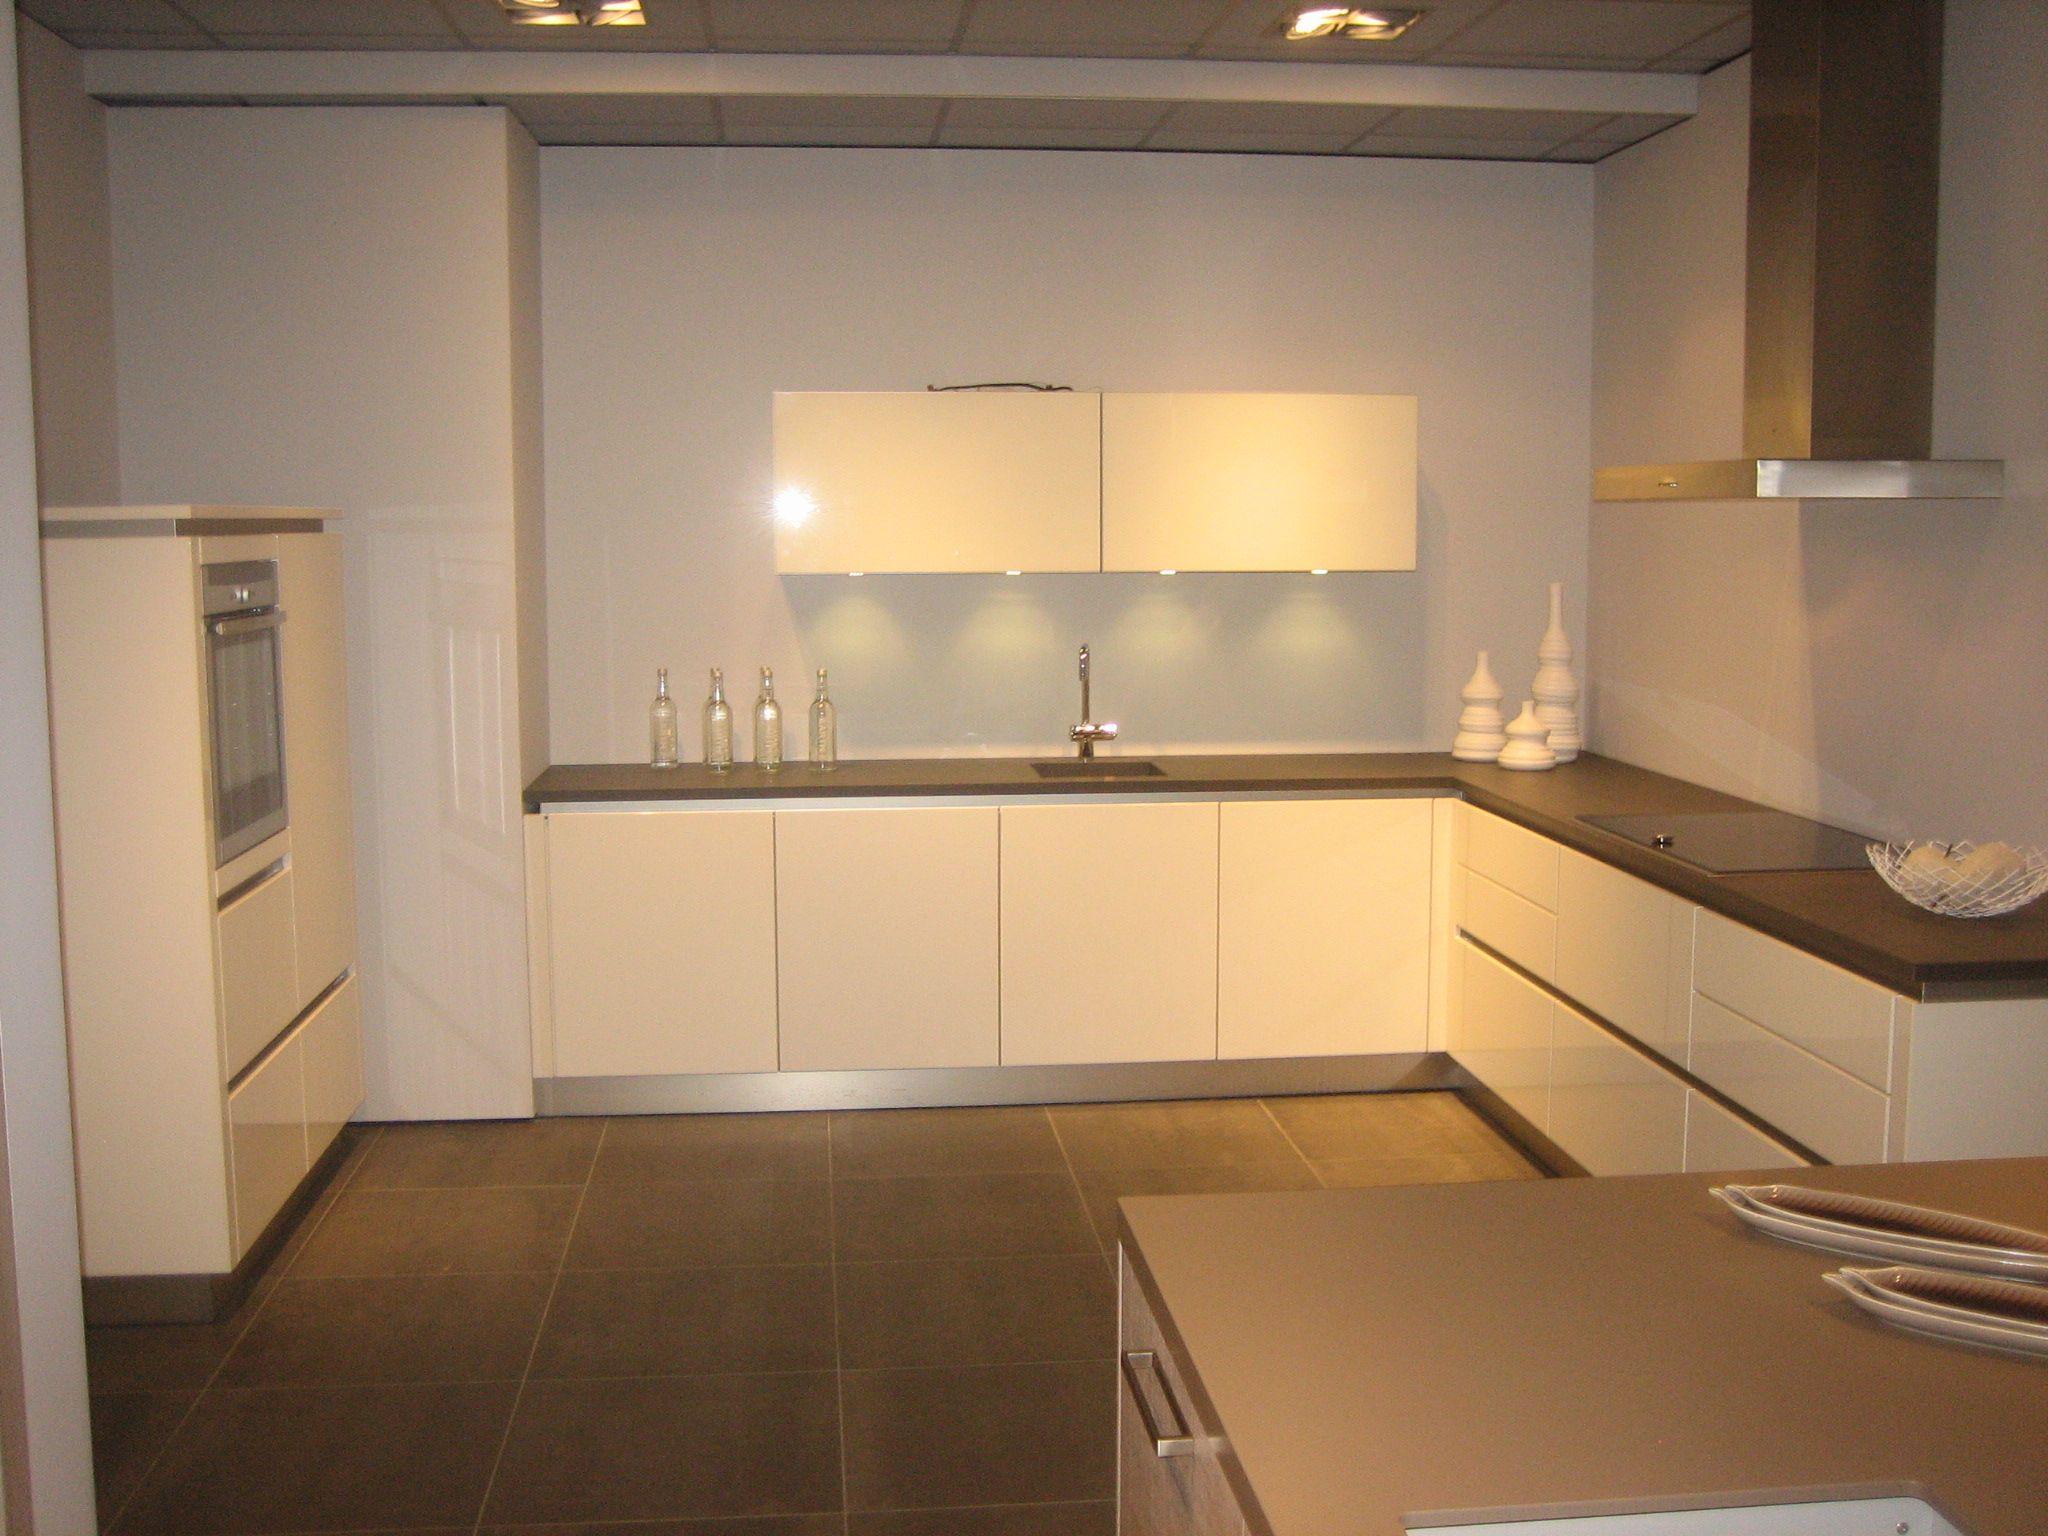 Bruynzeel showroomkeuken saffier greeploos 48935 - Model keuken ...